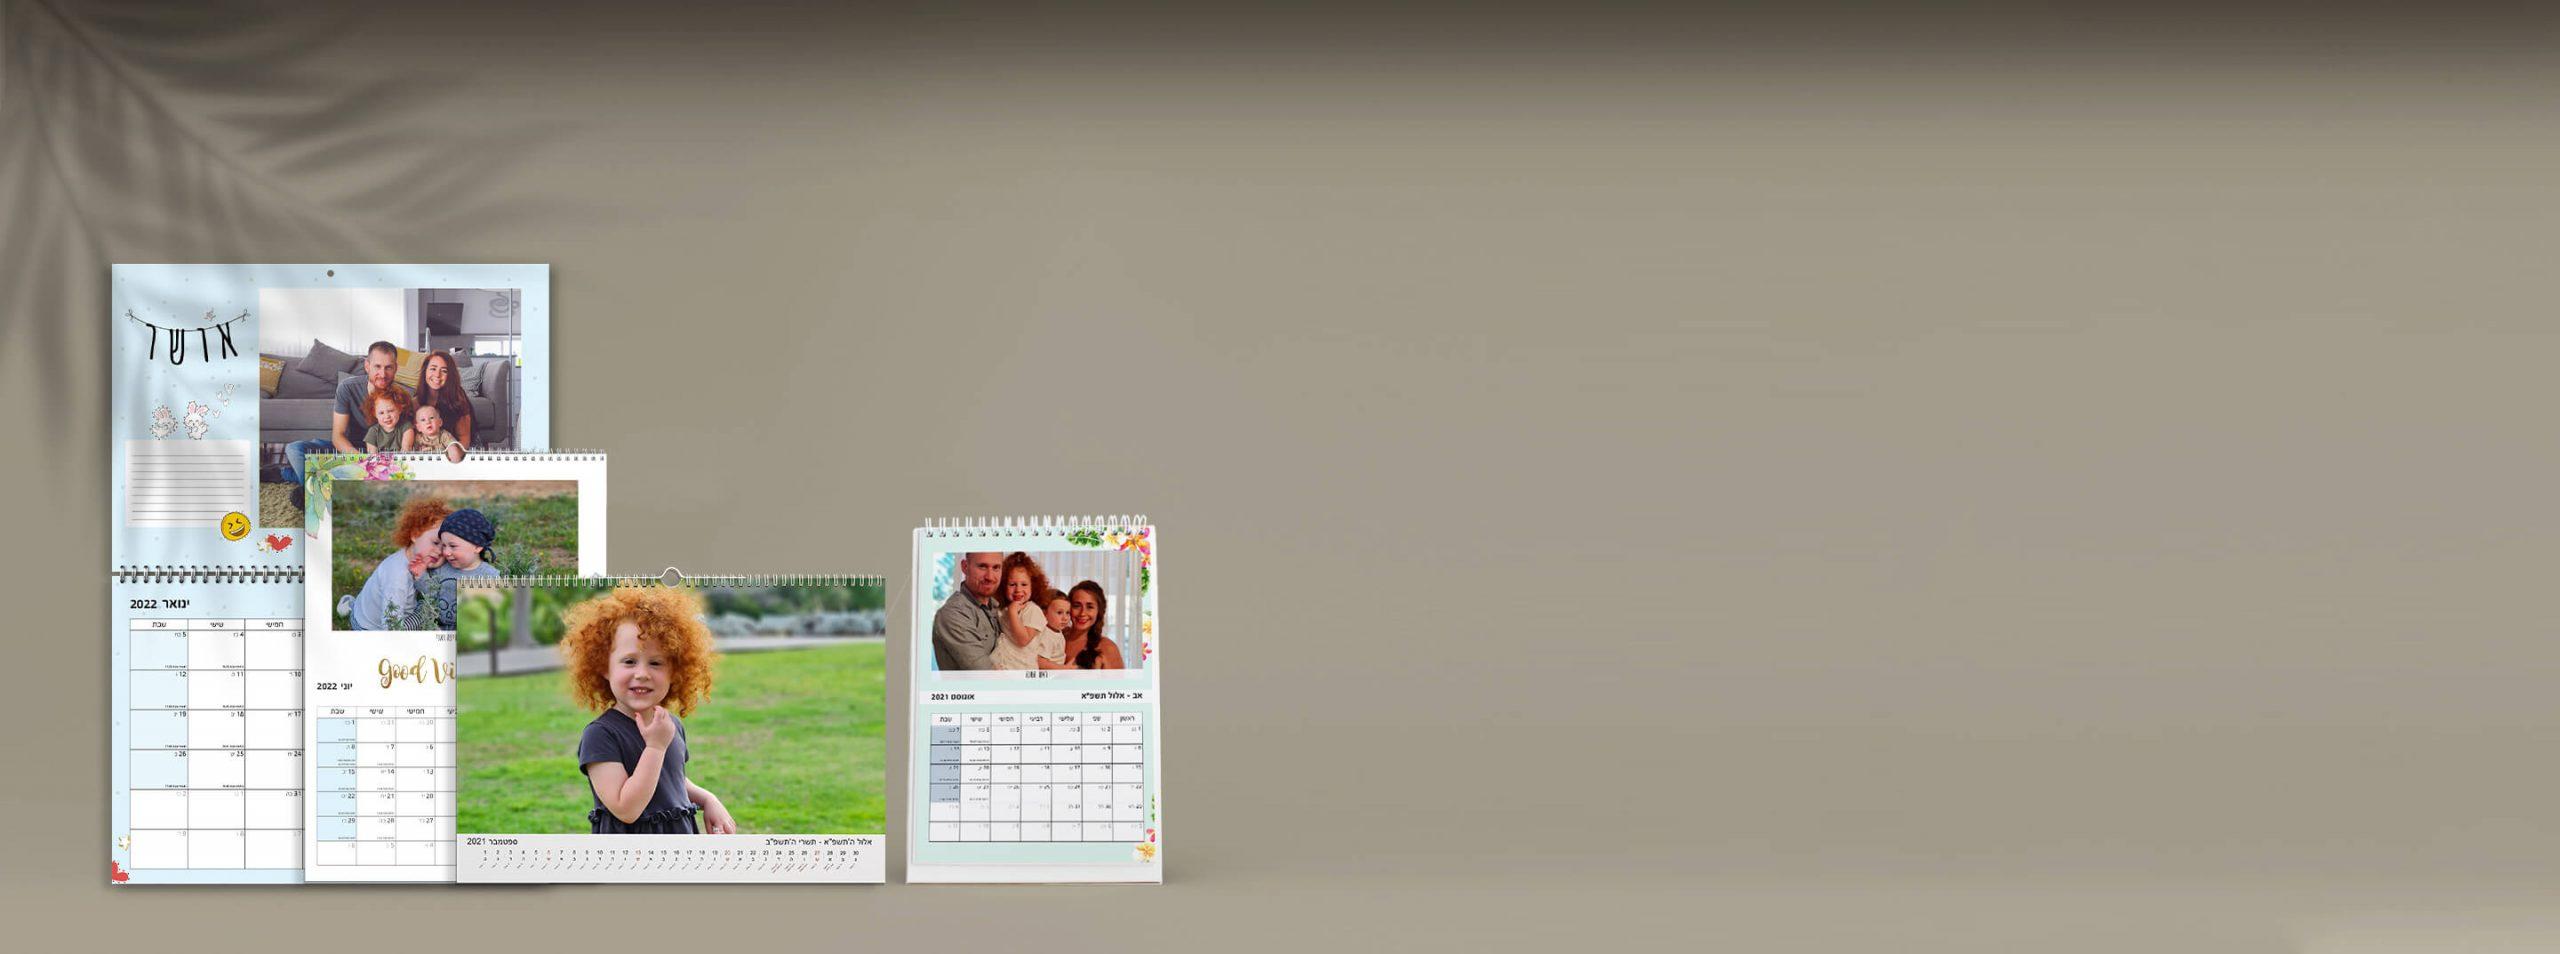 לוחות שנה אישיים של לופה